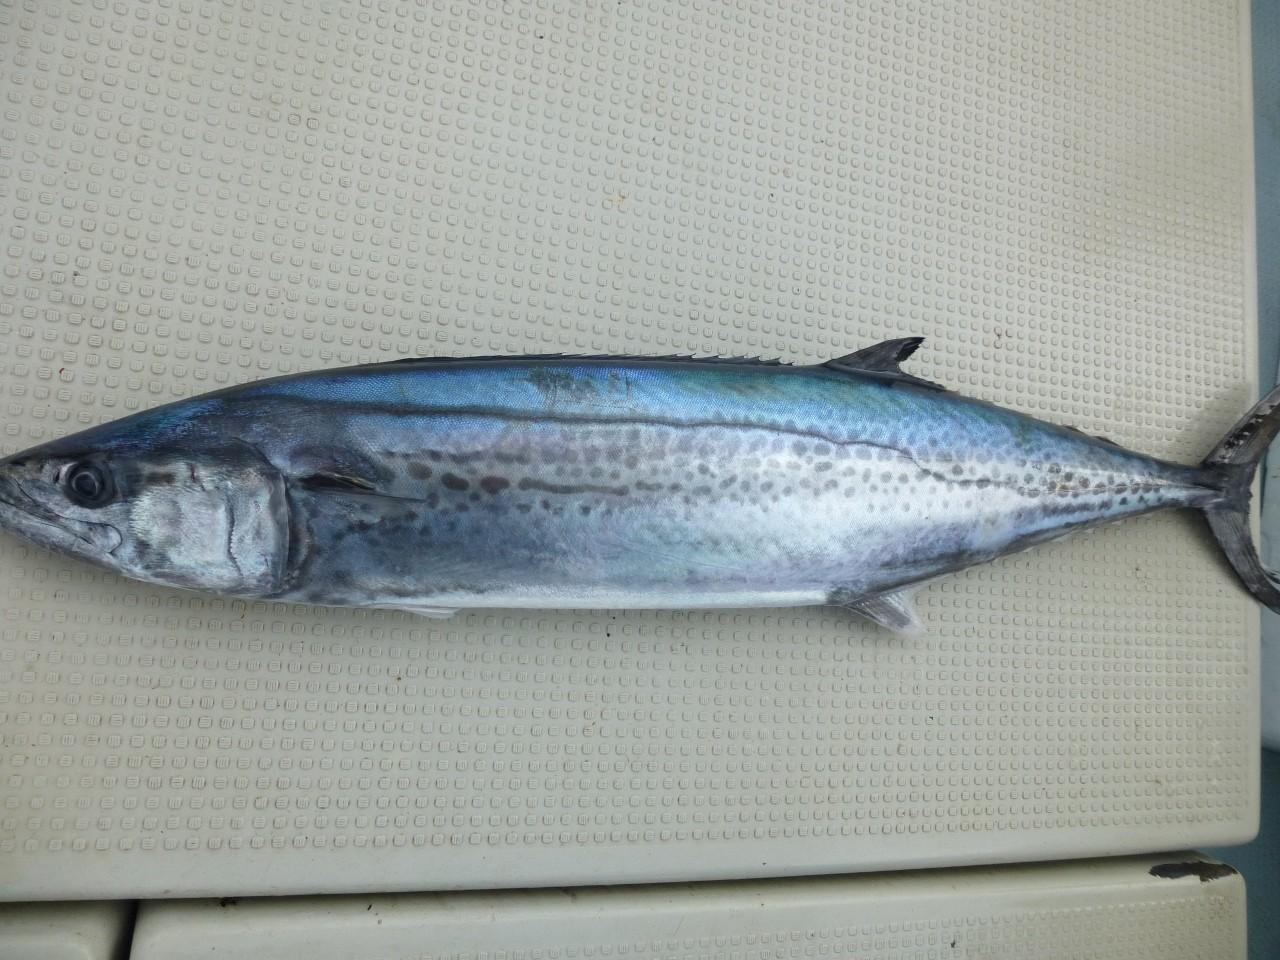 12月19日サワラ4.2㎏ゲット 〆て漁協へ